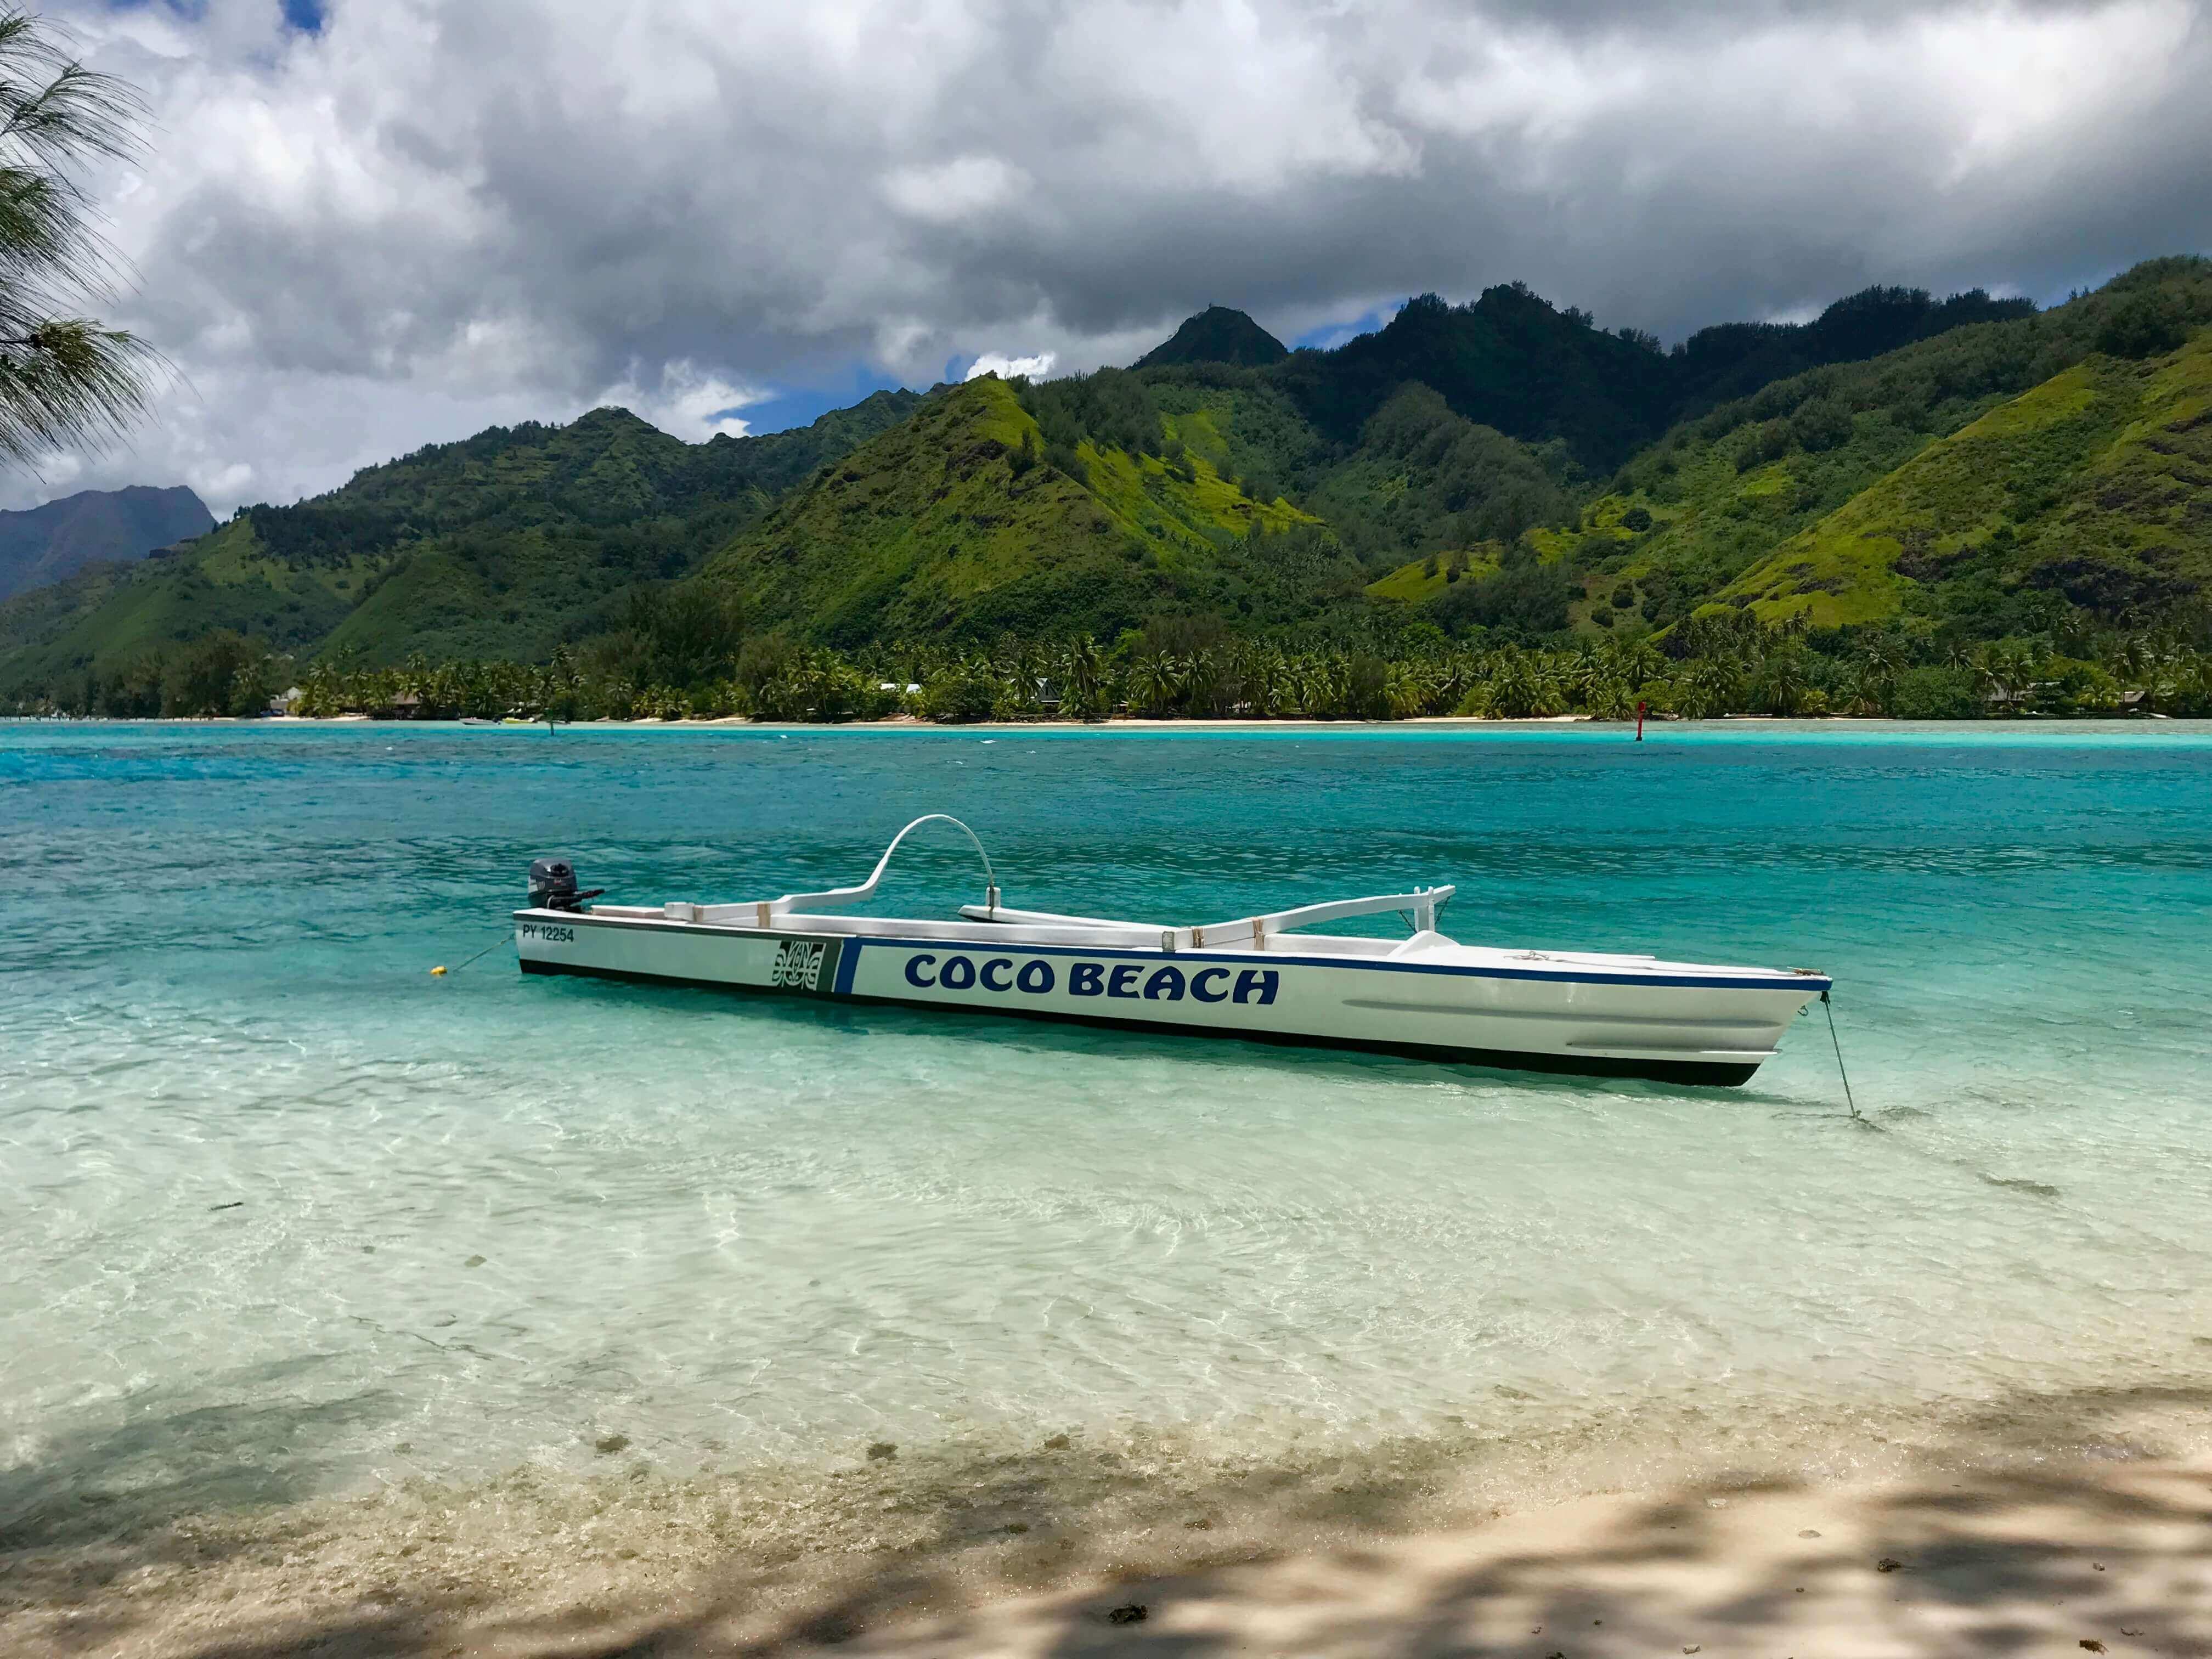 Coco Beach